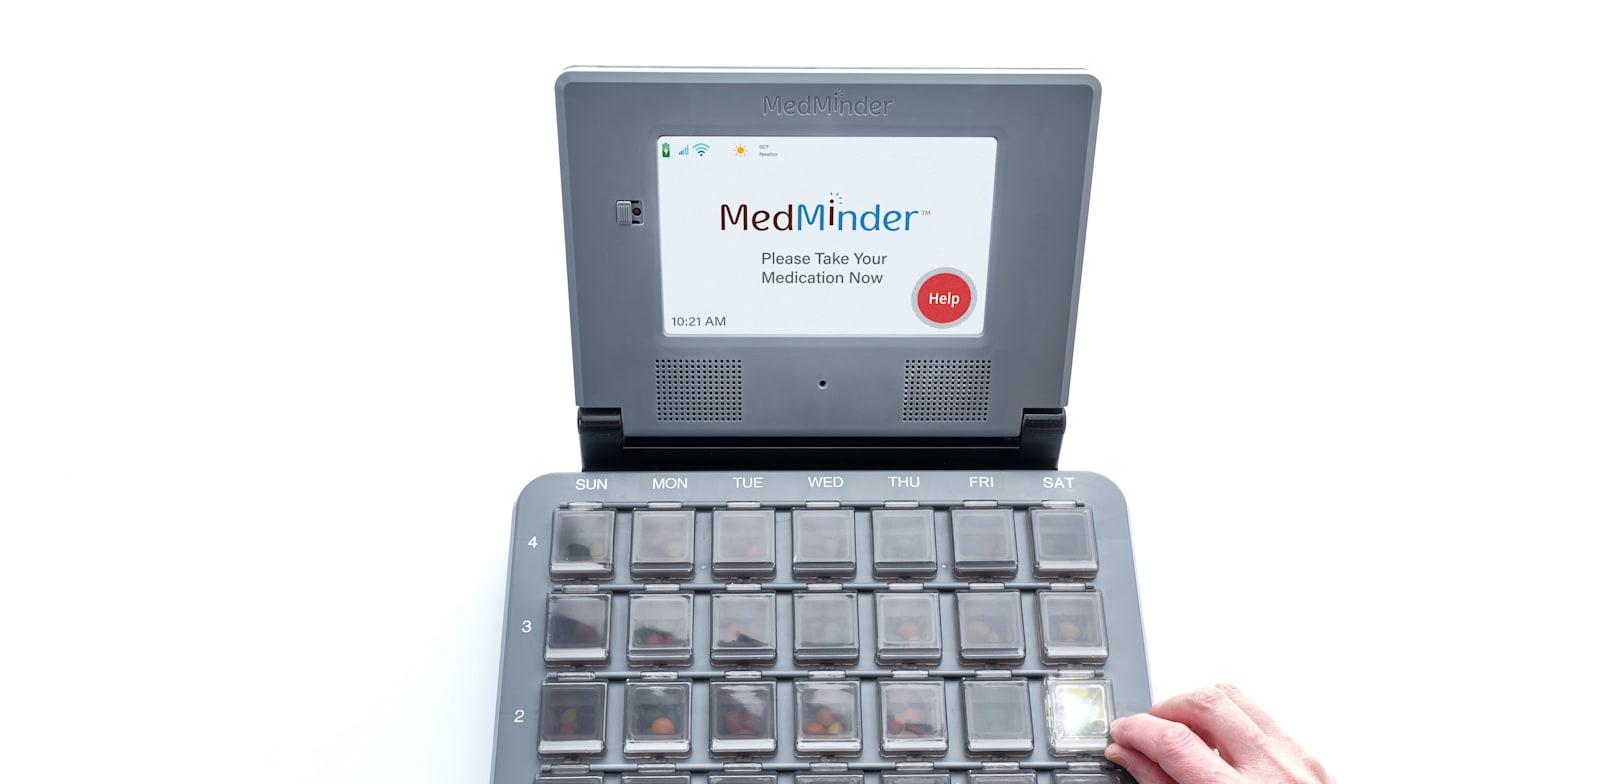 קופסת התרופות החכמה של מדימיינדר / צילום: מדימיינדר